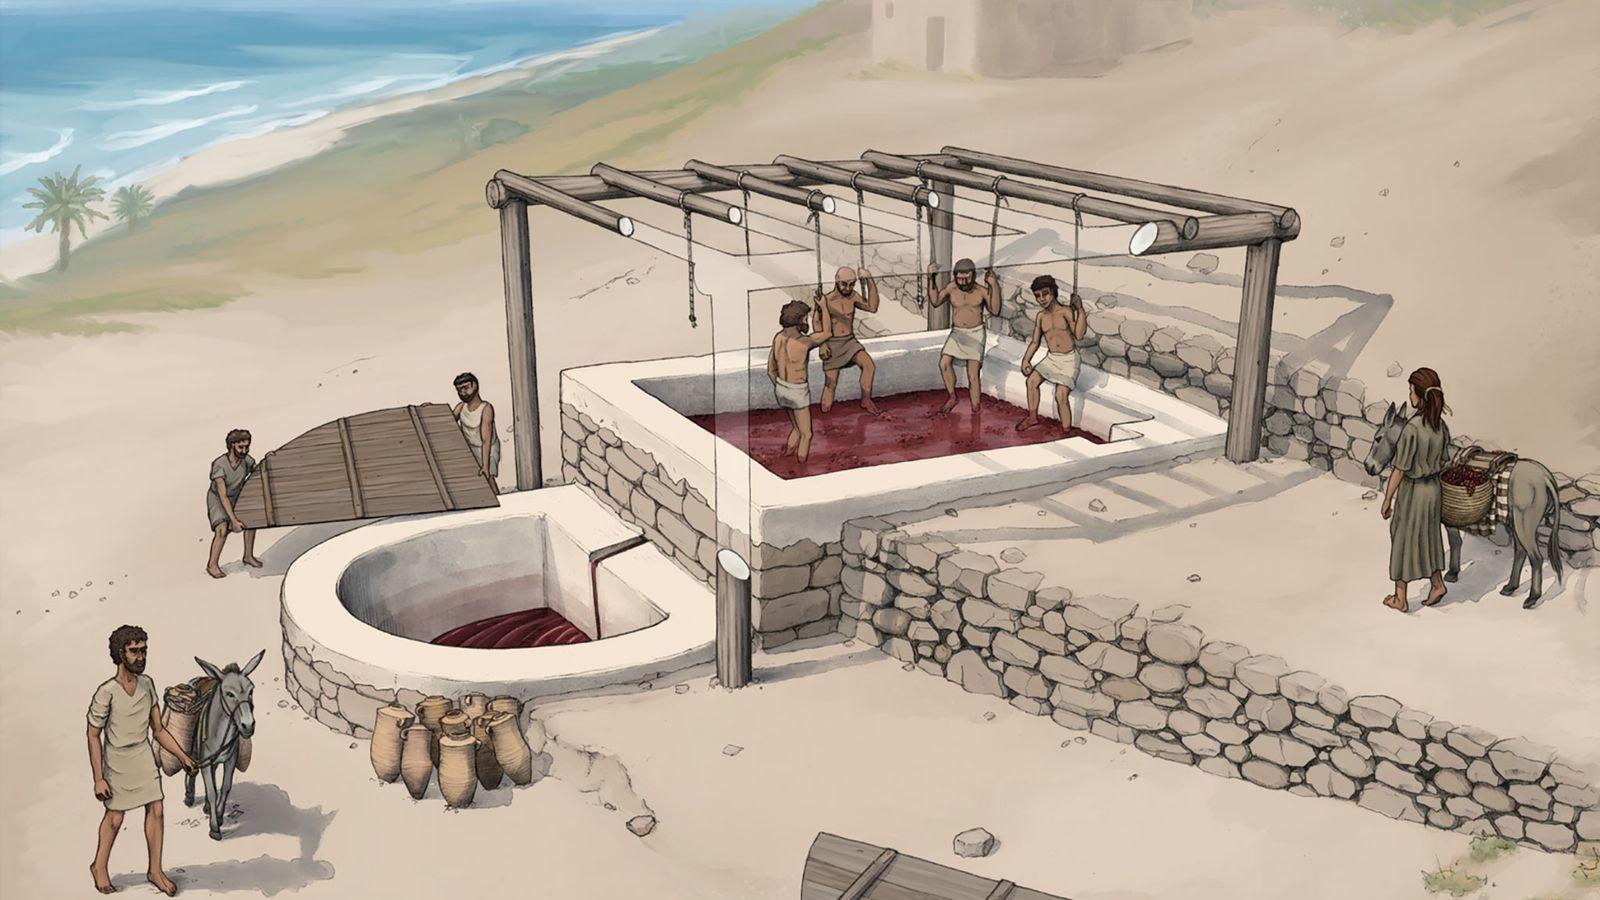 Reconstrucción artística de una prensa de vino en Tell el-Burak, vista desde el sudeste.